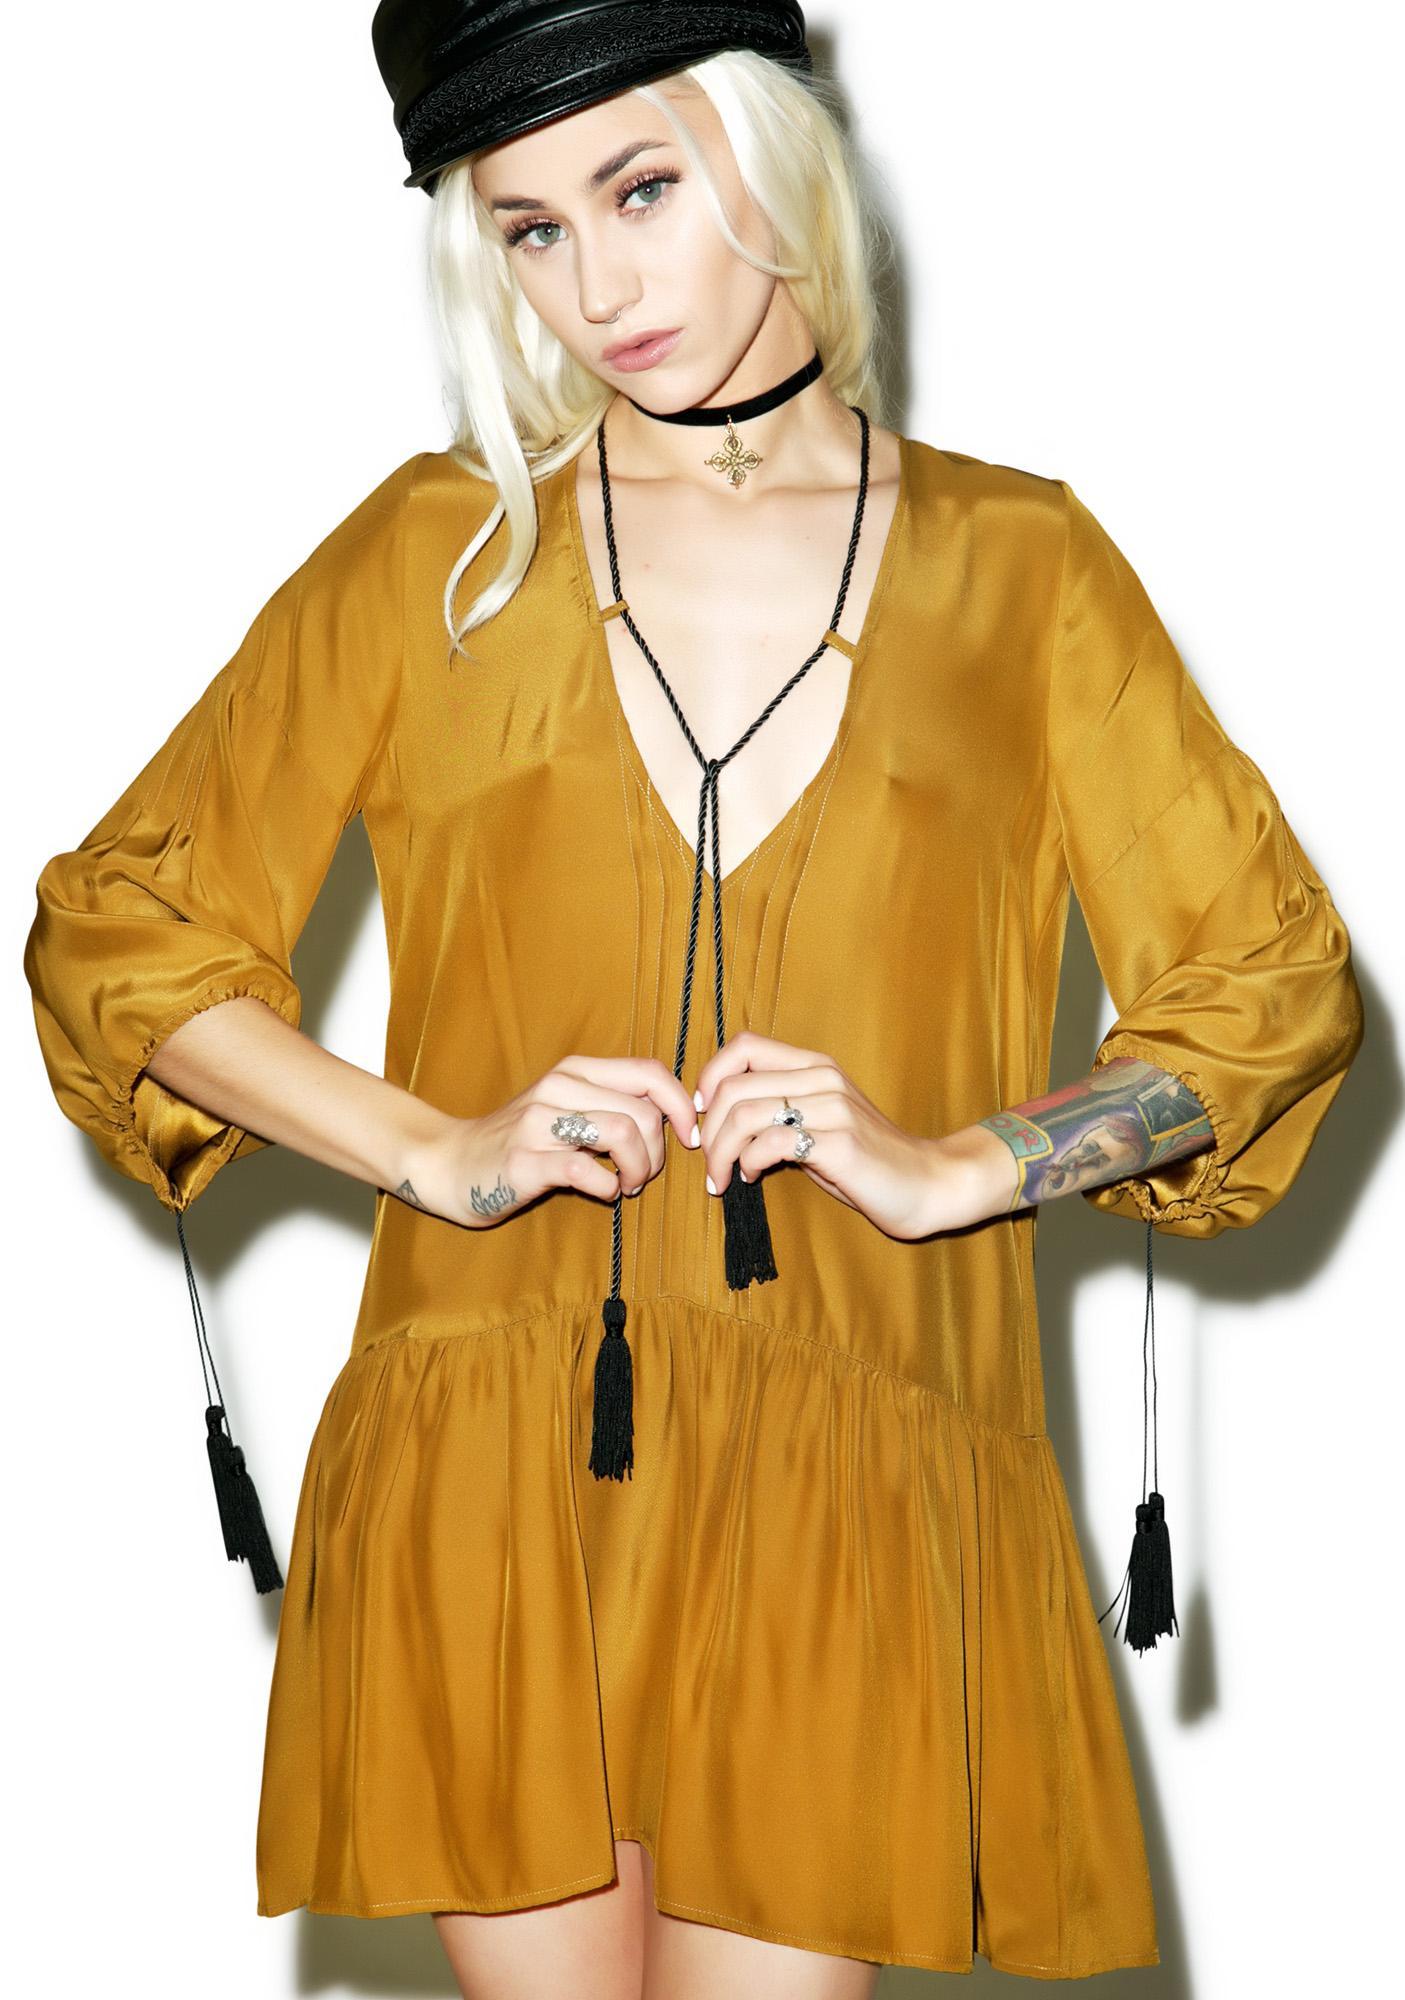 For Love & Lemons Monterey Mini Dress